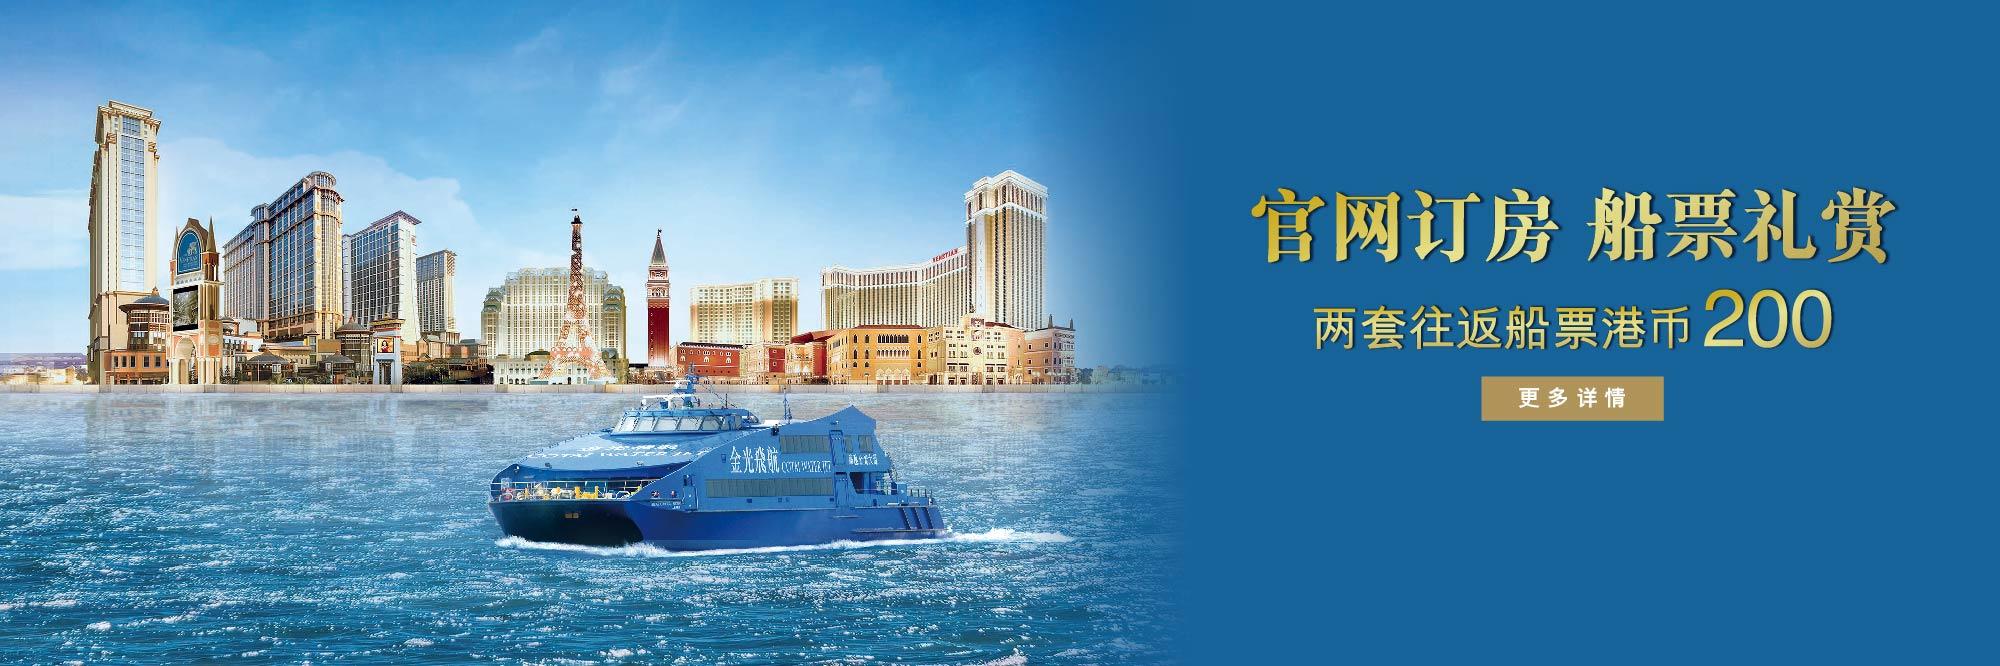 澳门金沙度假区预定酒店享受船票优惠